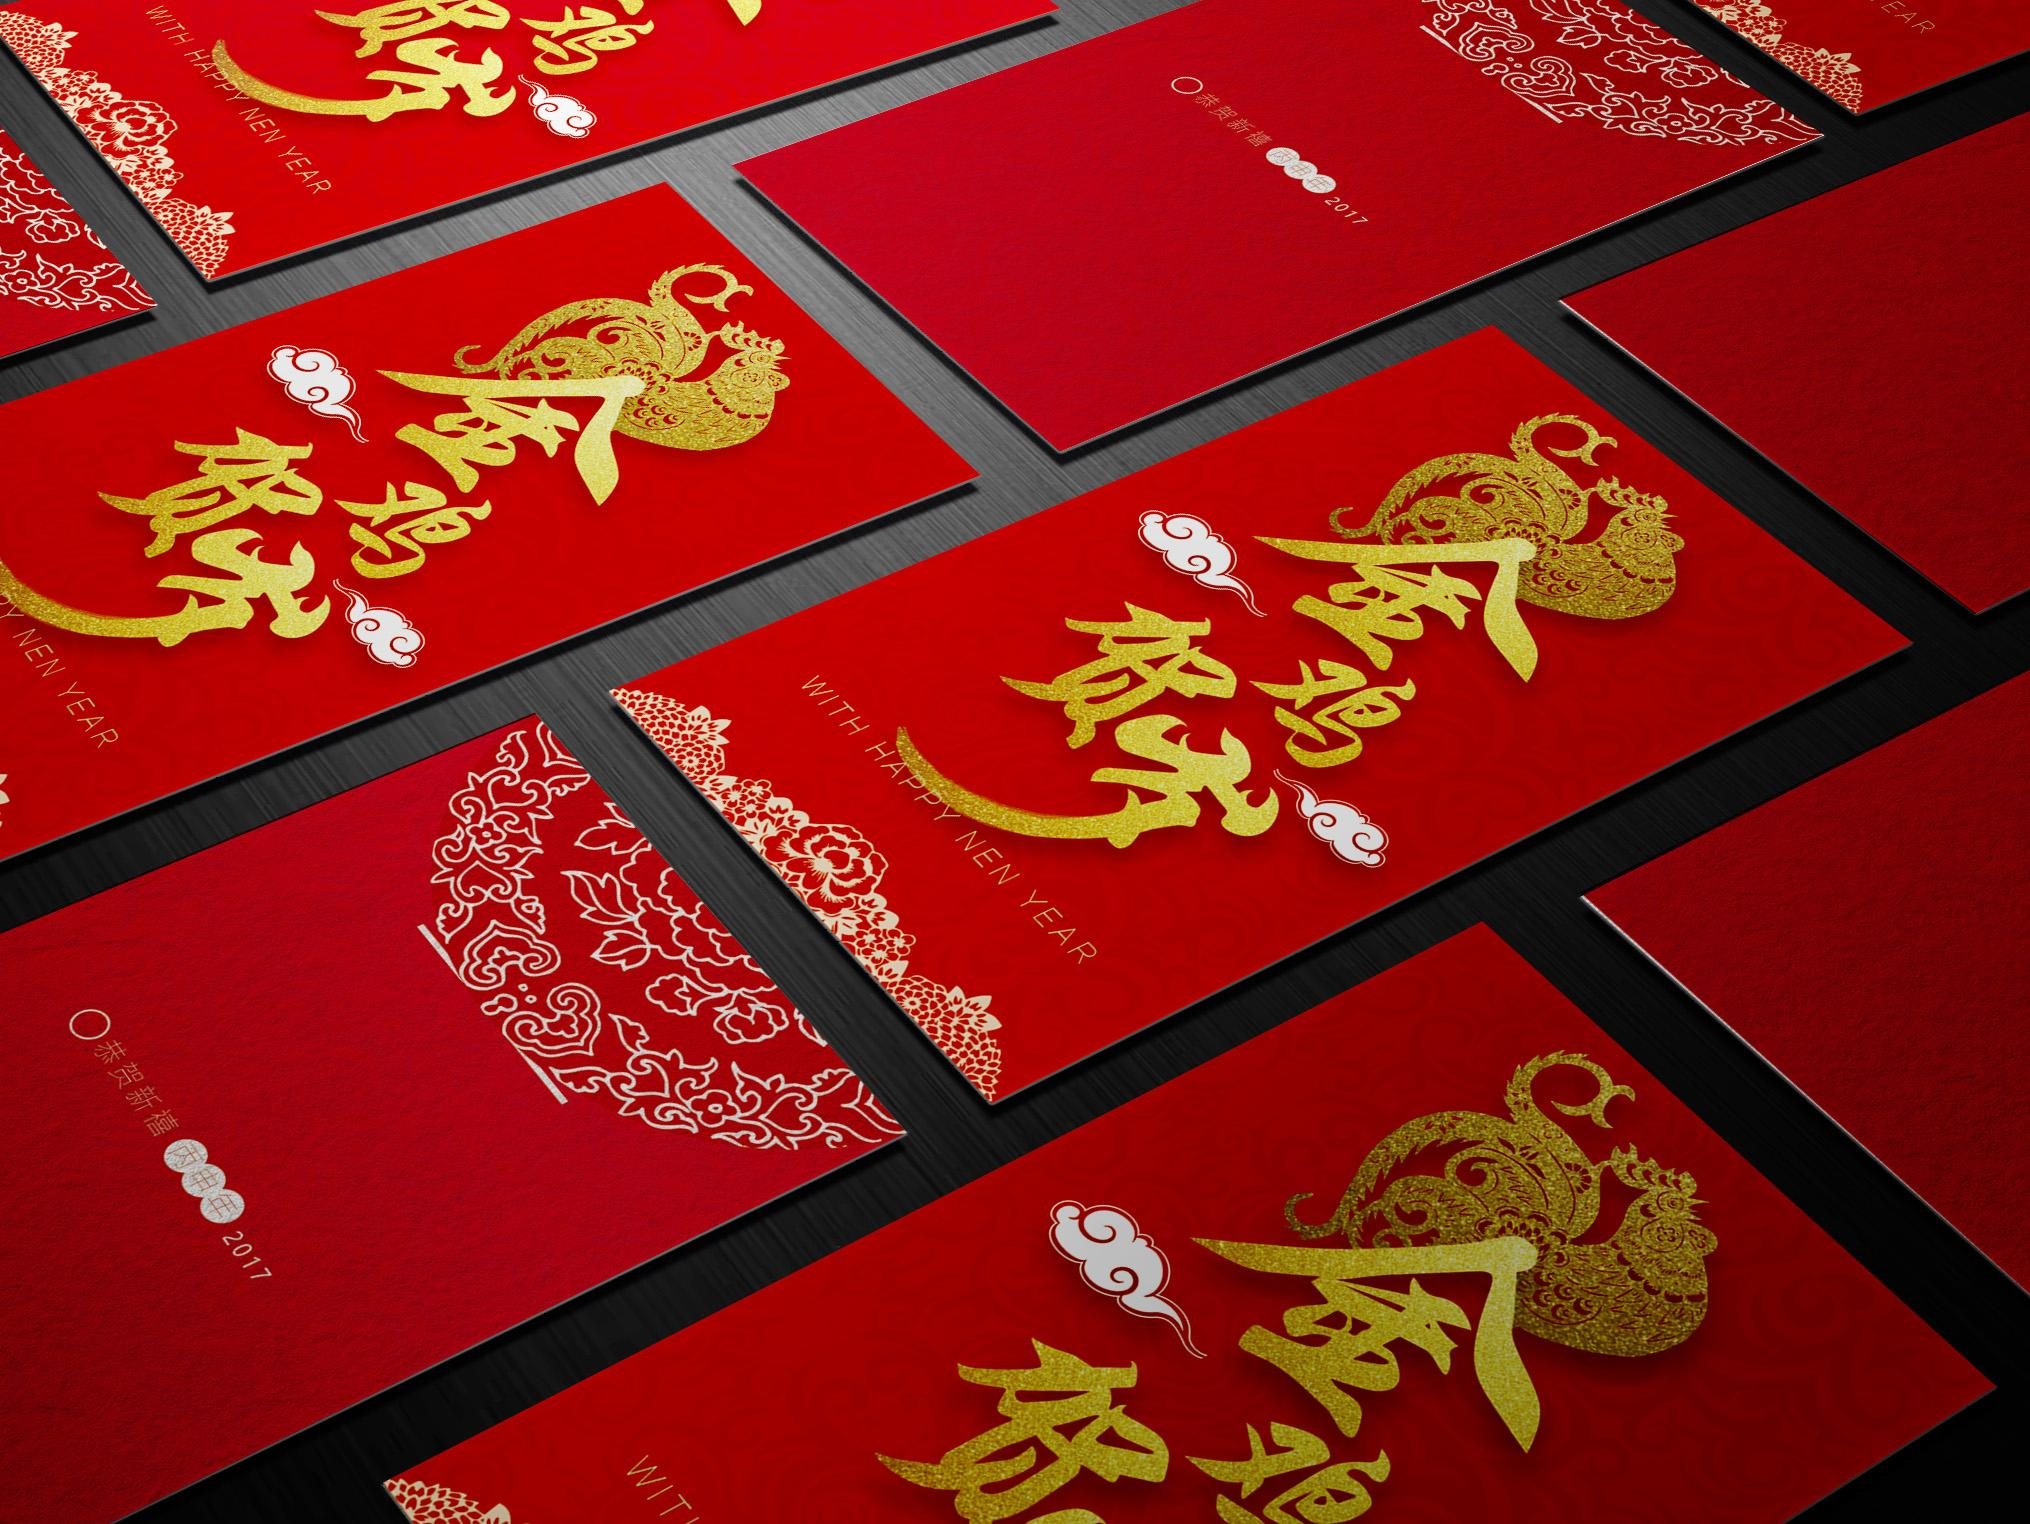 深圳红包印刷